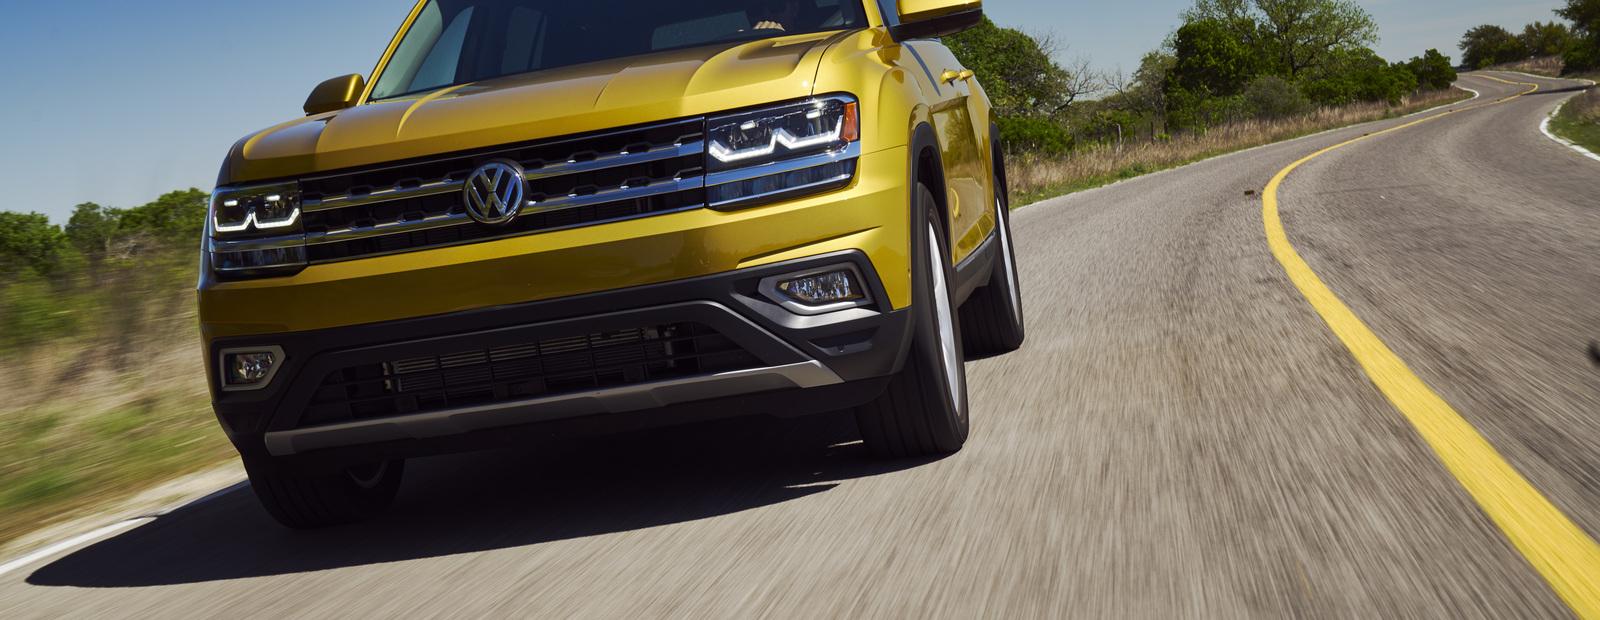 Объявлены российские цены на новейший Volkswagen Teramont